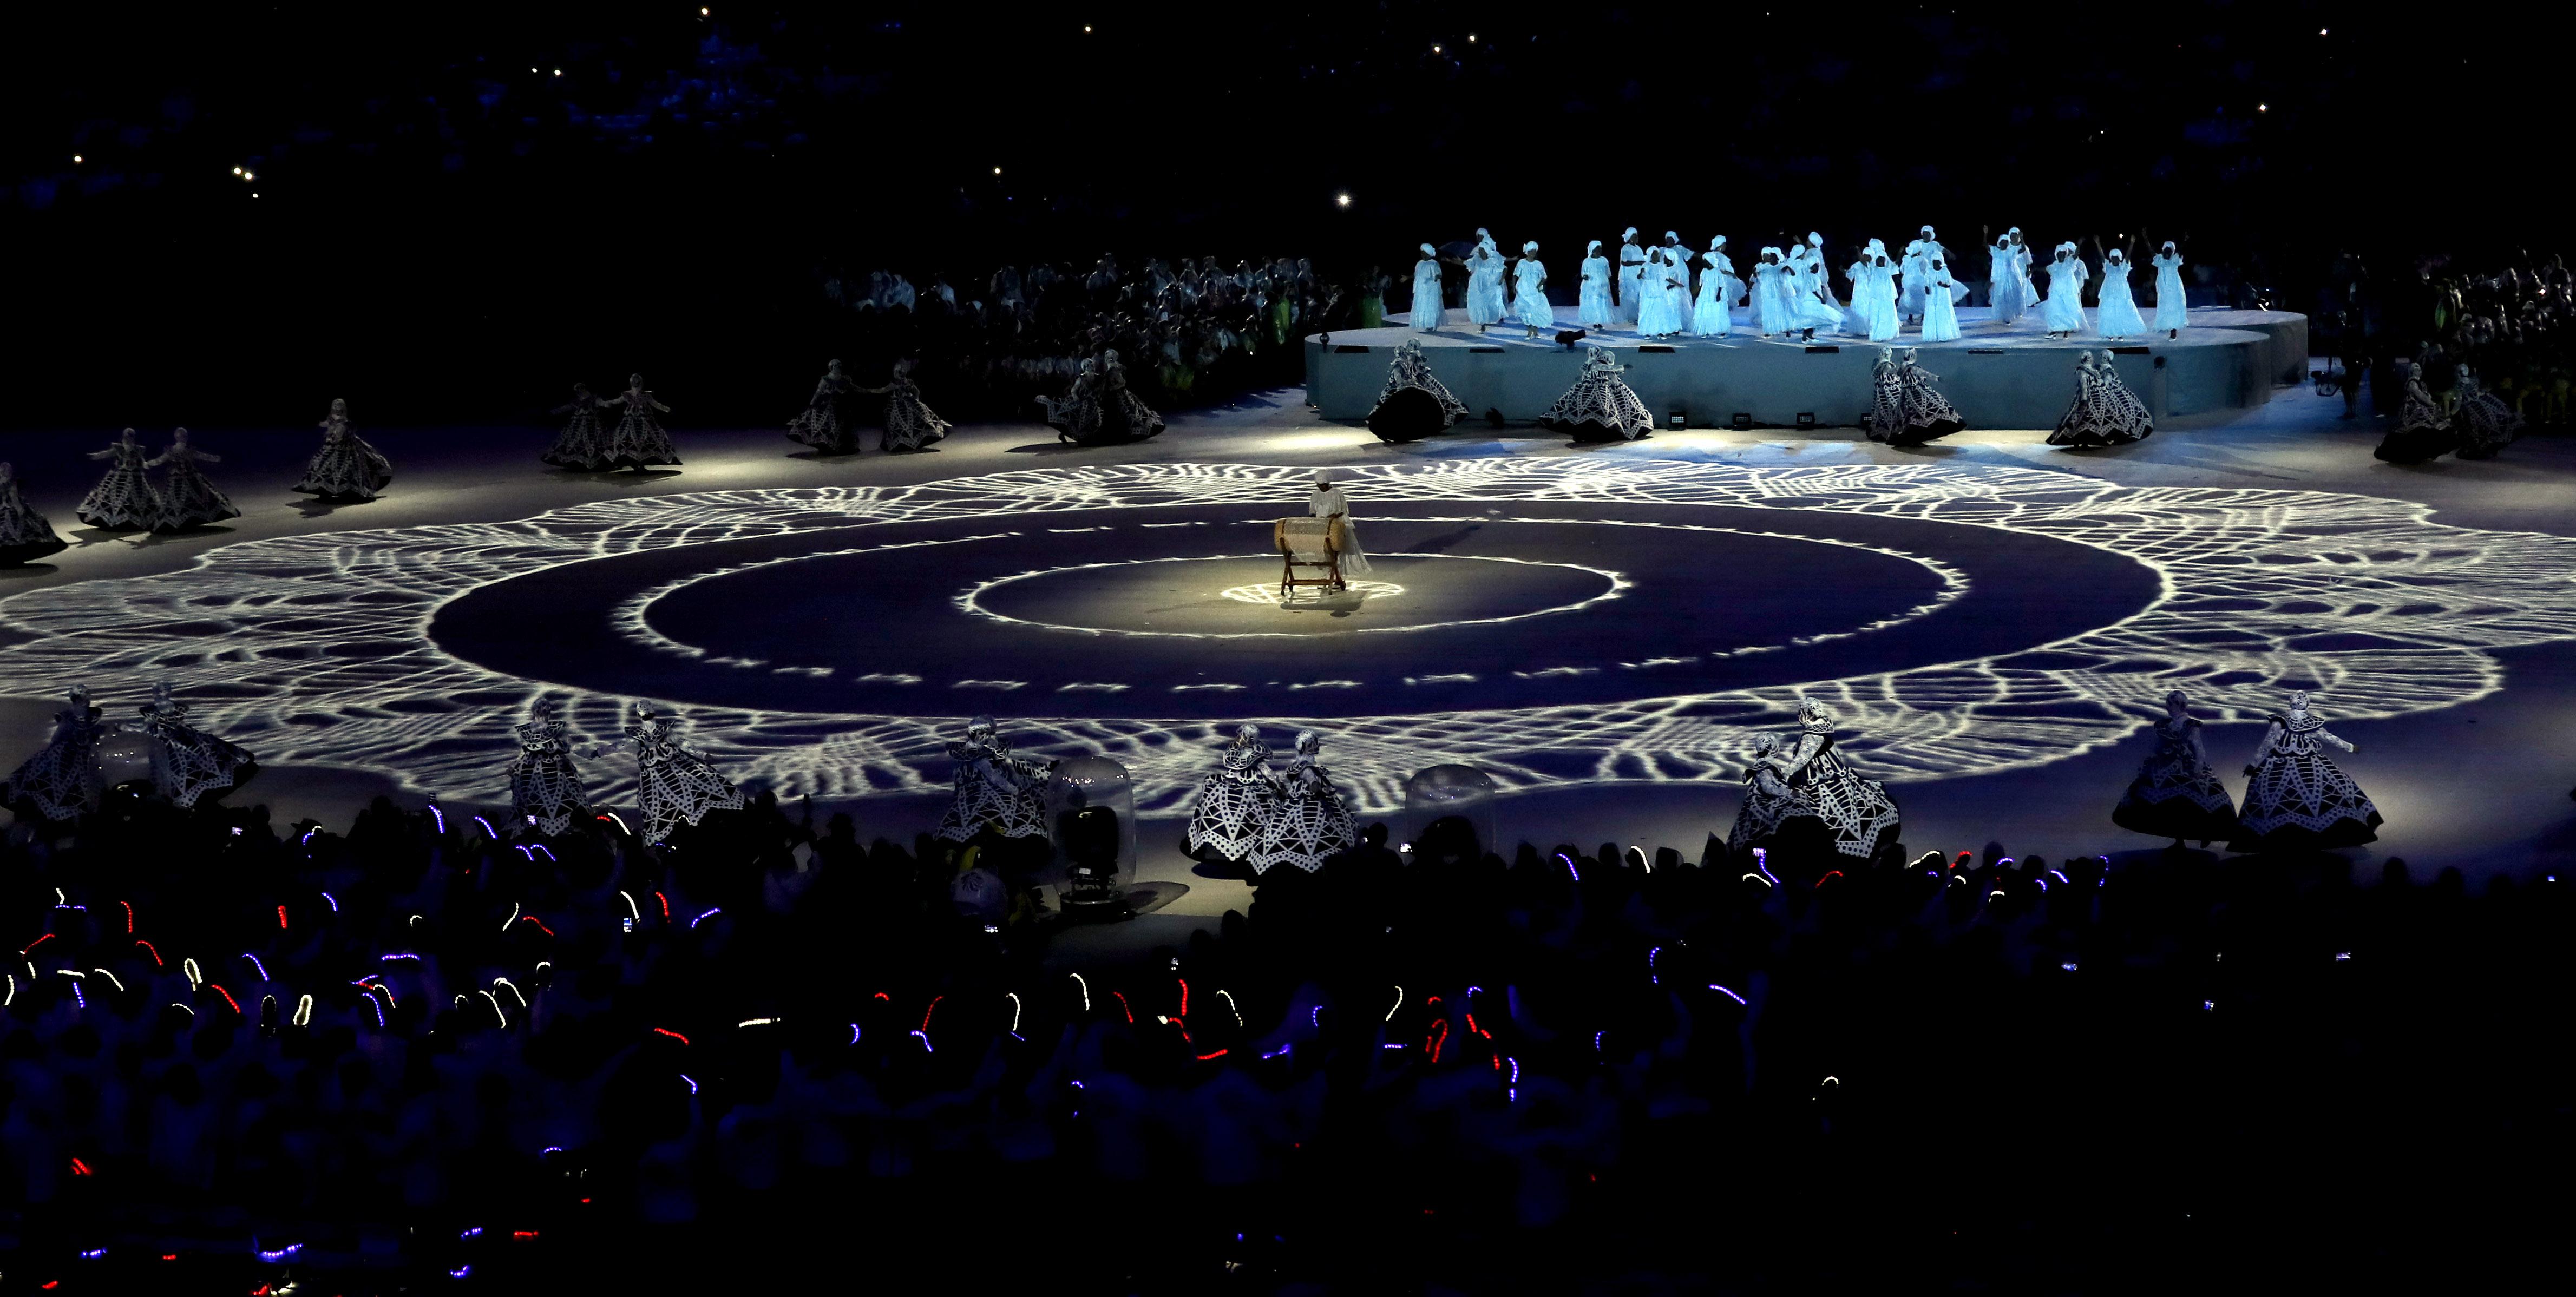 (160821) -- RIO DE JANEIRO, agosto 21, 2016 (Xinhua) -- Una artista participa durante la ceremonia de clausura de los Juegos Olímpicos de Río de Janeiro 2016, en el Estadio Maracaná, en Río de Janeiro, Brasil, el 21 de agosto de 2016. (Xinhua/Han Yan) (rtg) (ce)